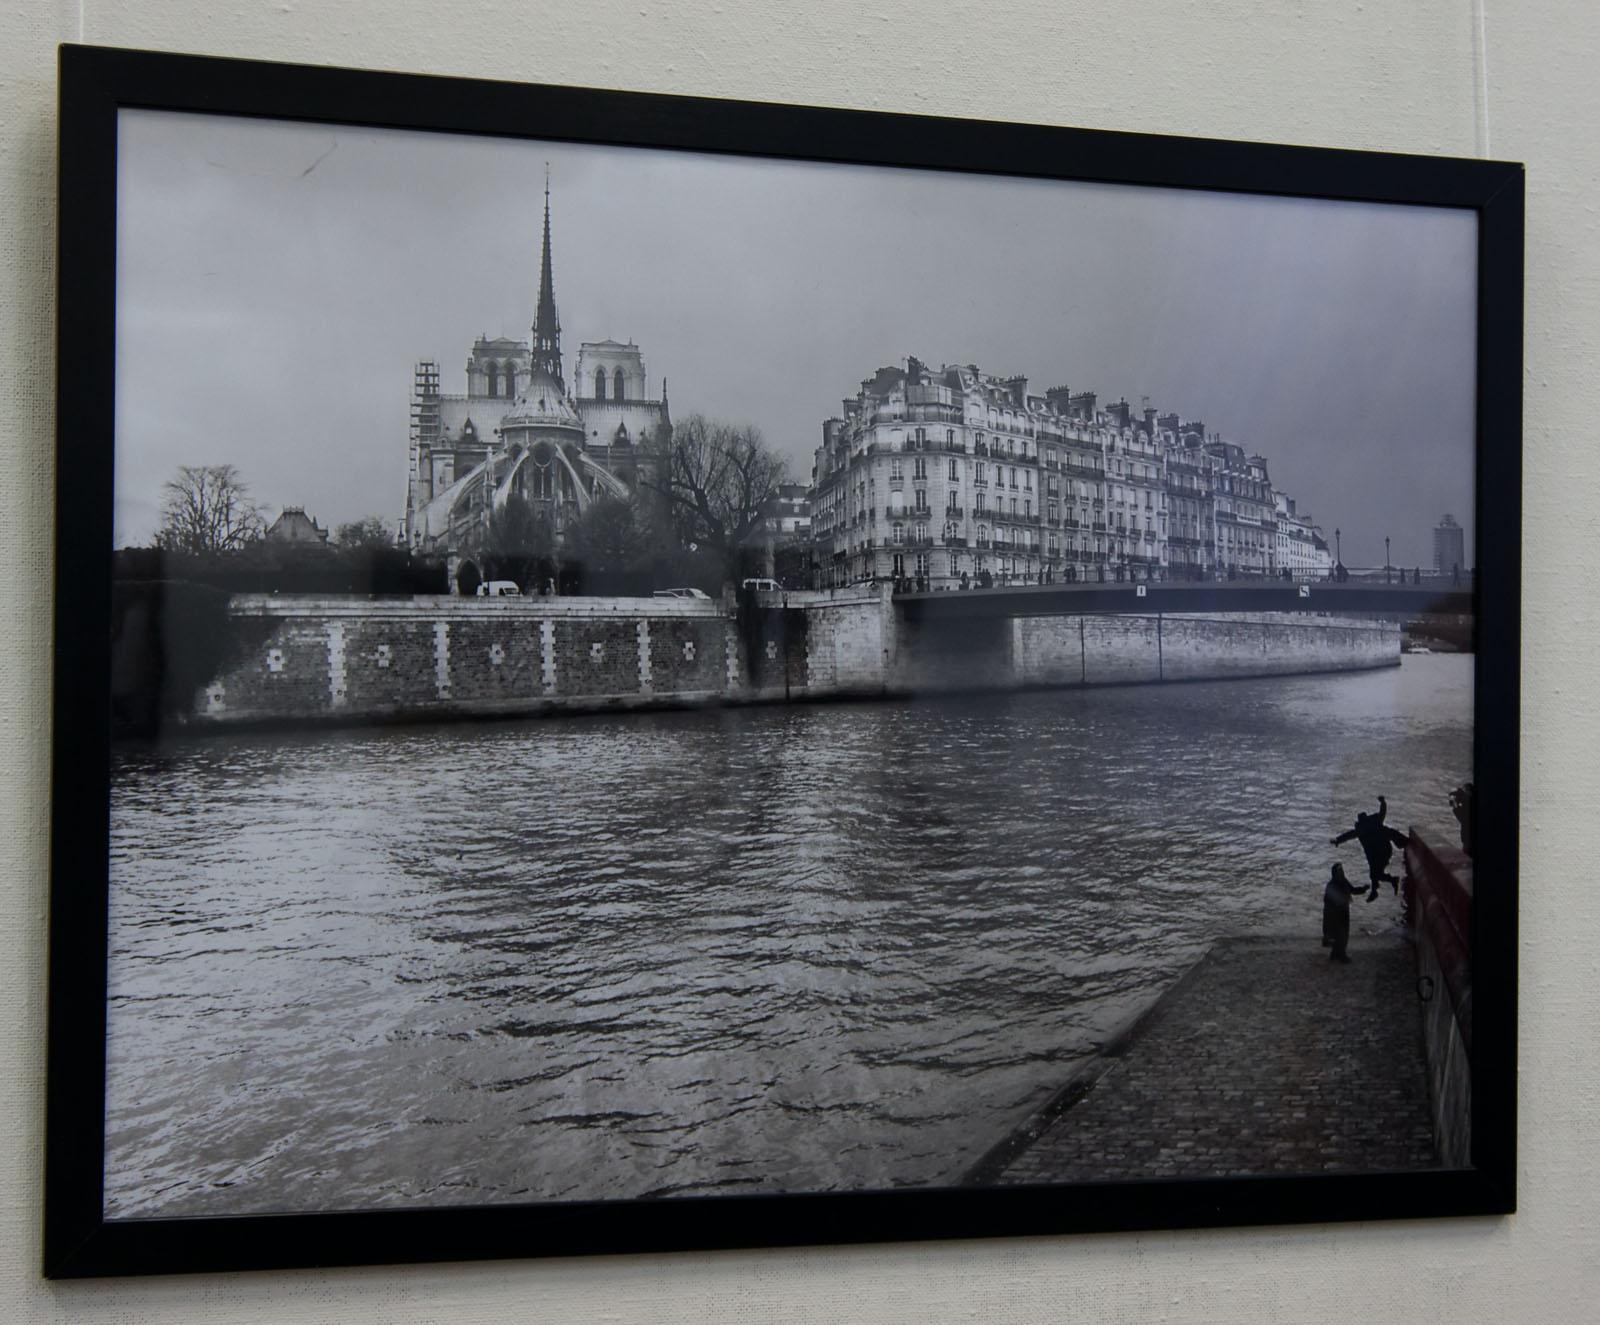 Фото №67777. 07298 «Париж во сне и наяву». Фарит Губаев